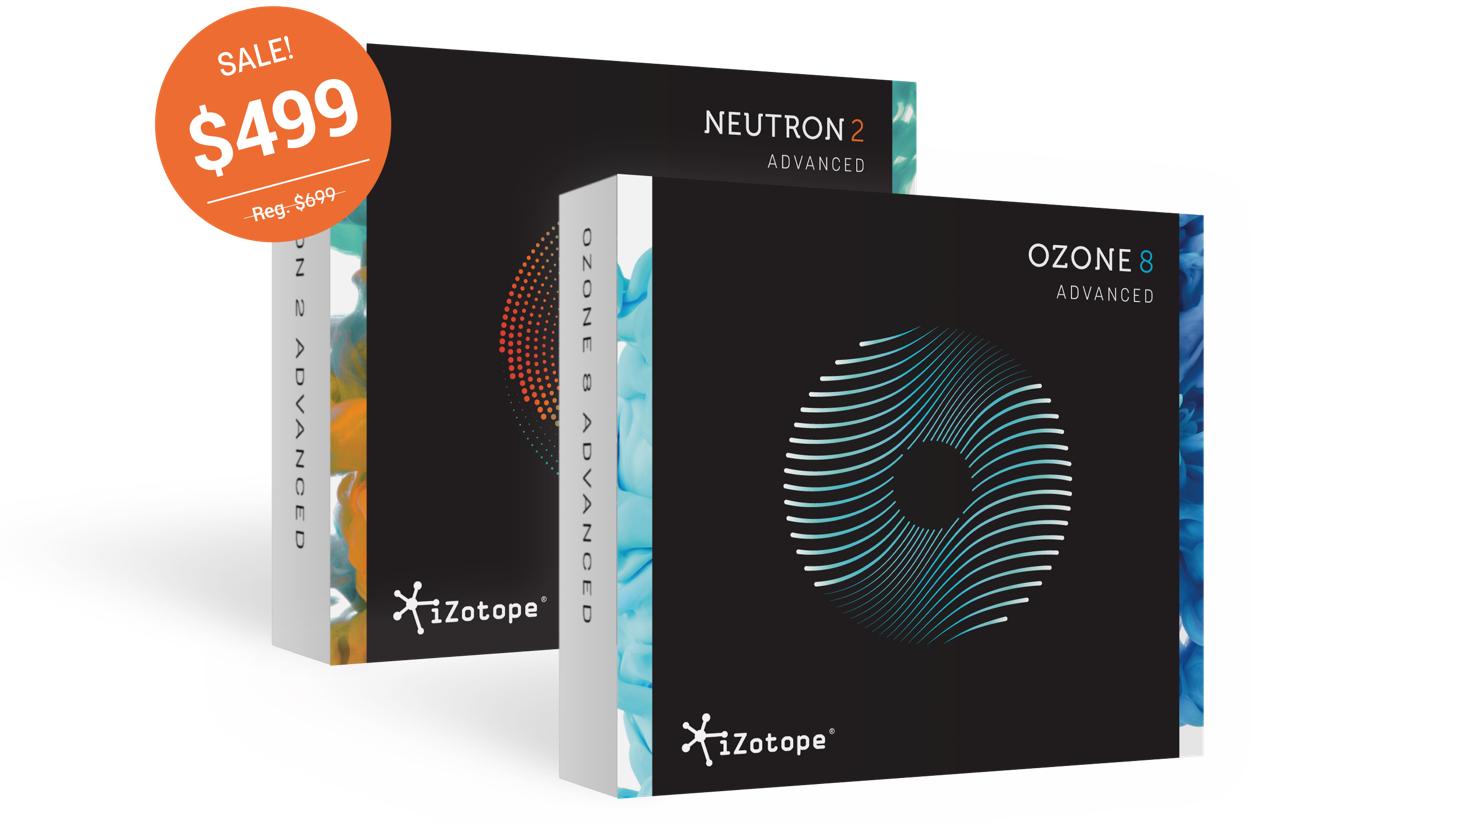 iZotope Ozone 8 & Neutron 2 イントロセールとSplice Rent-to-Ownについて